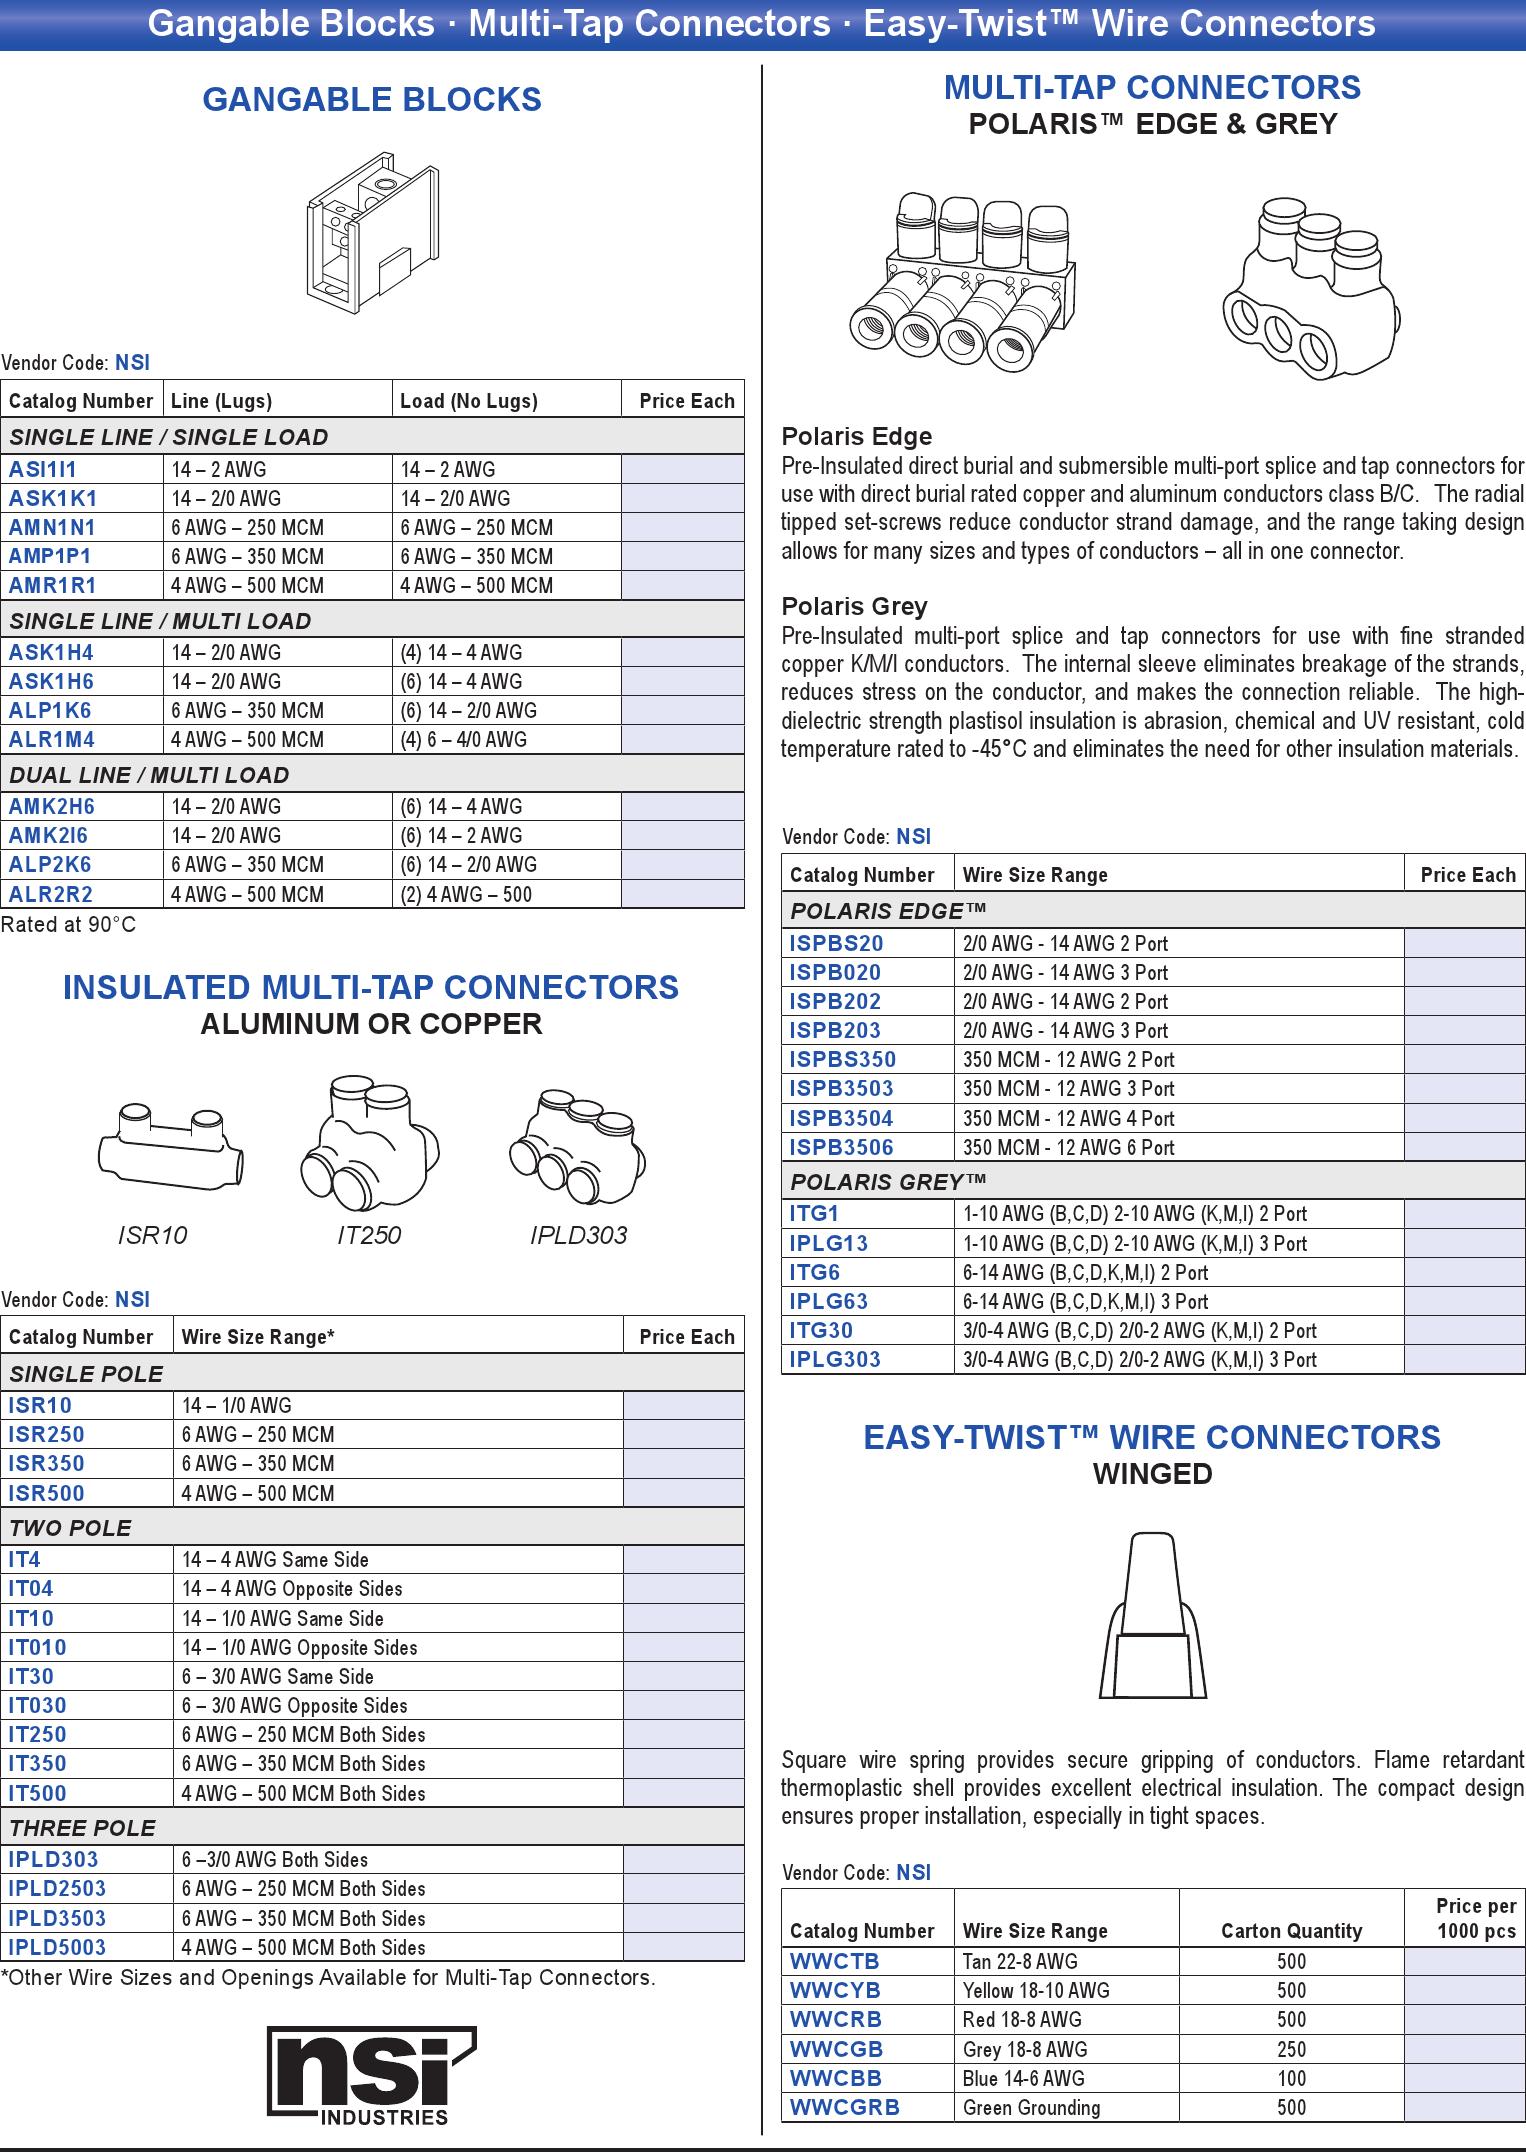 Gangable Blocks · Multi-Tap Connectors · Easy-Twist™ Wire Connectors ...